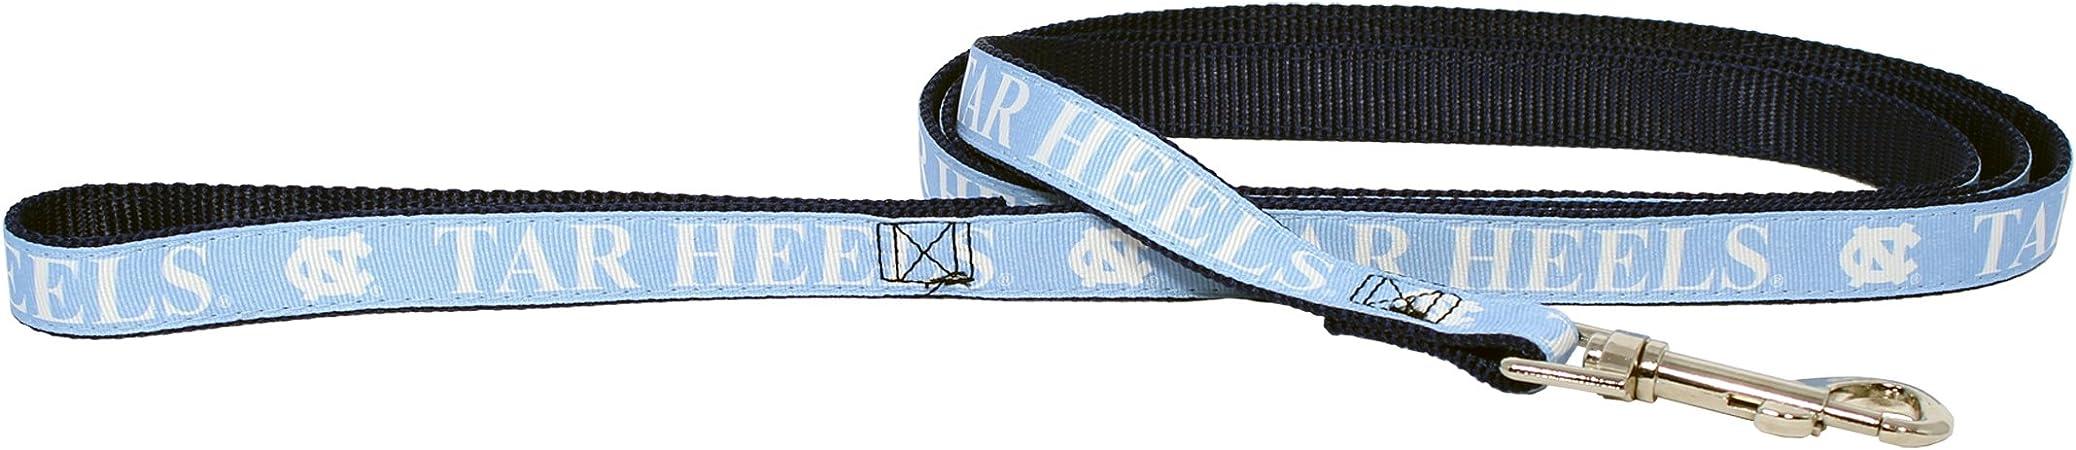 Htr Mfg North Carolina Tar Heels Dog Pet Premium 6ft Nylon Leash Lead Licensed Medium